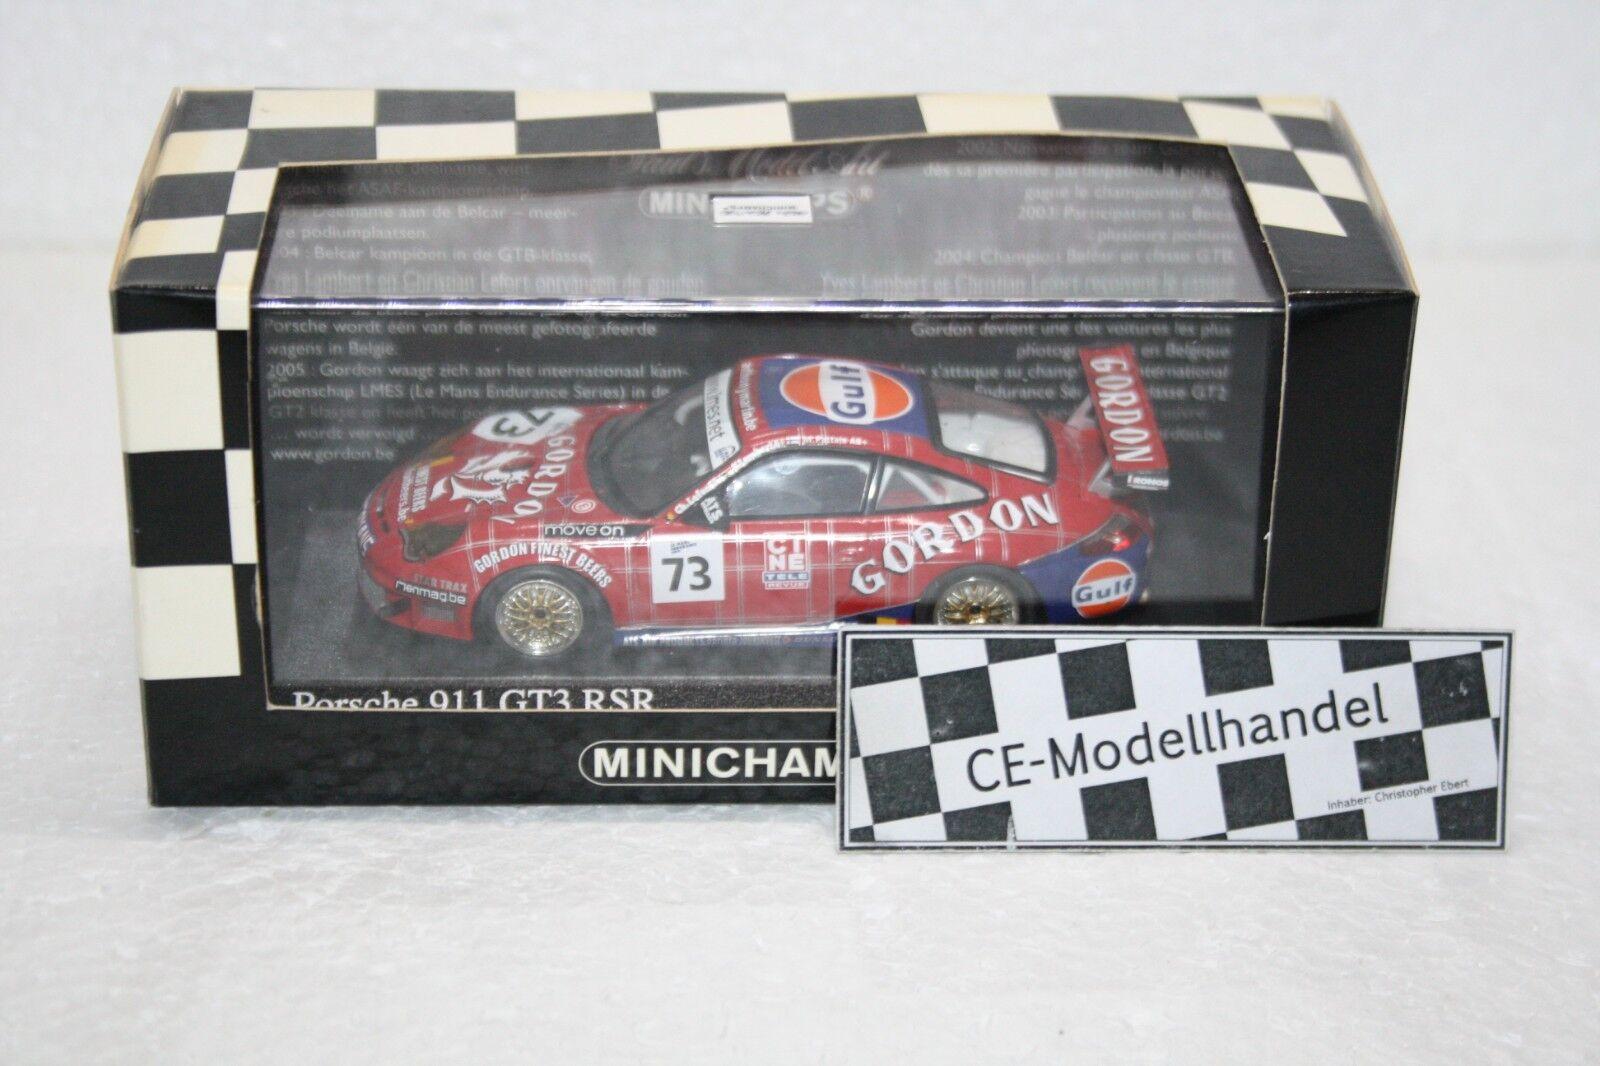 Porsche 911 gt3 rsr   73  équipe Gordon  1.000 HM SPA  2005  MINICHAMPS  1 43